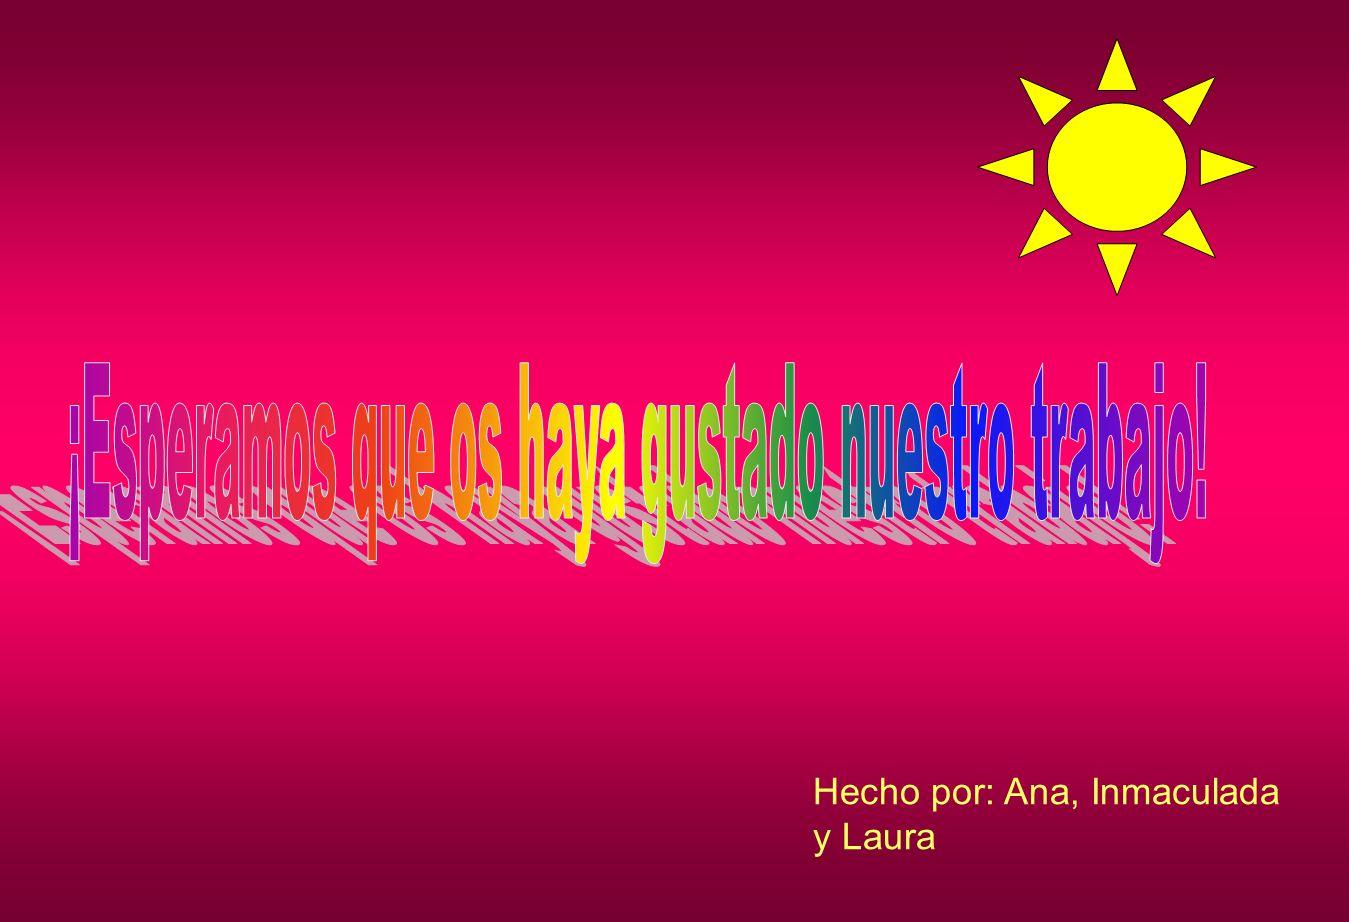 Hecho por: Ana, Inmaculada y Laura